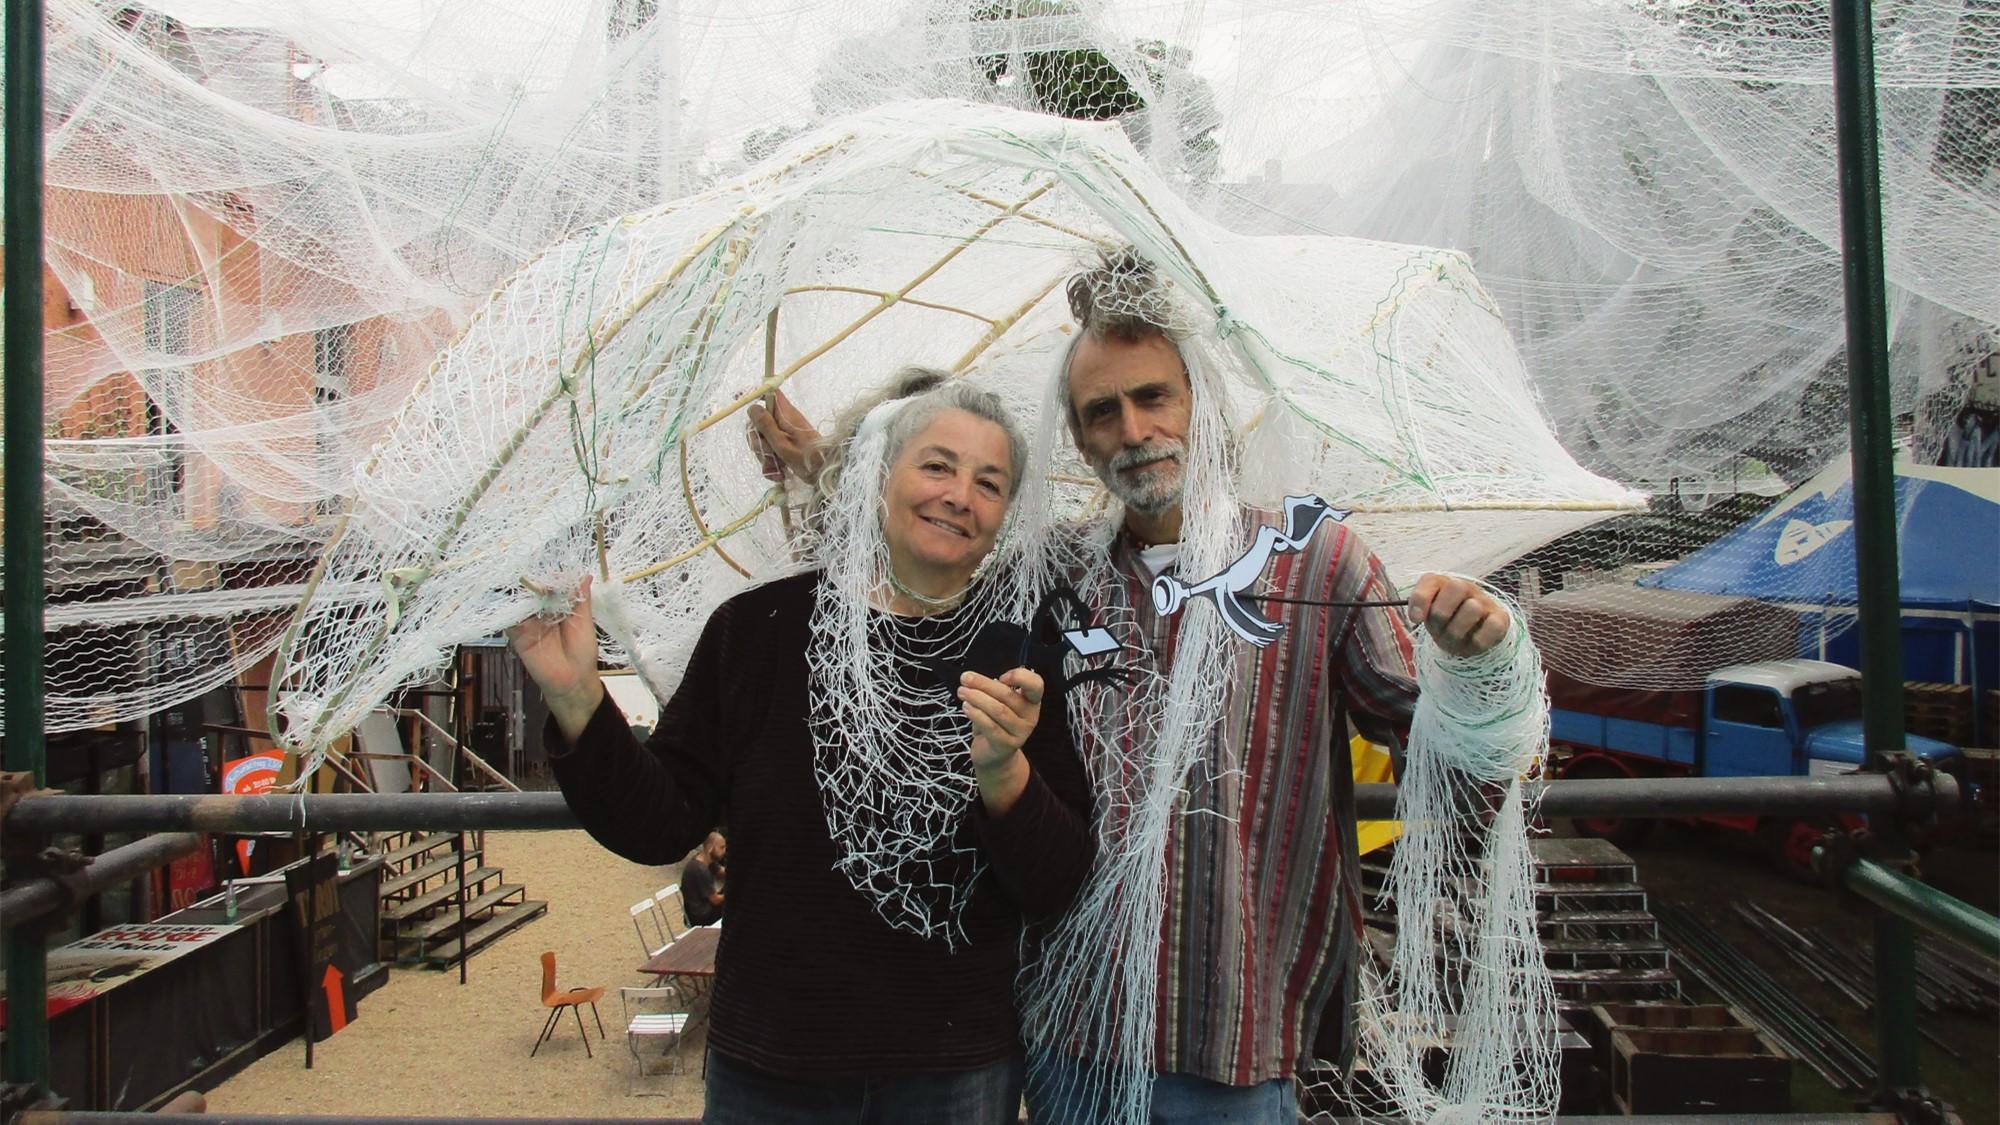 Die beiden Künstler César Olhagaray und Muriel Cornejo aus Chile sind für die diesjährige Dekoration verantwortlich.